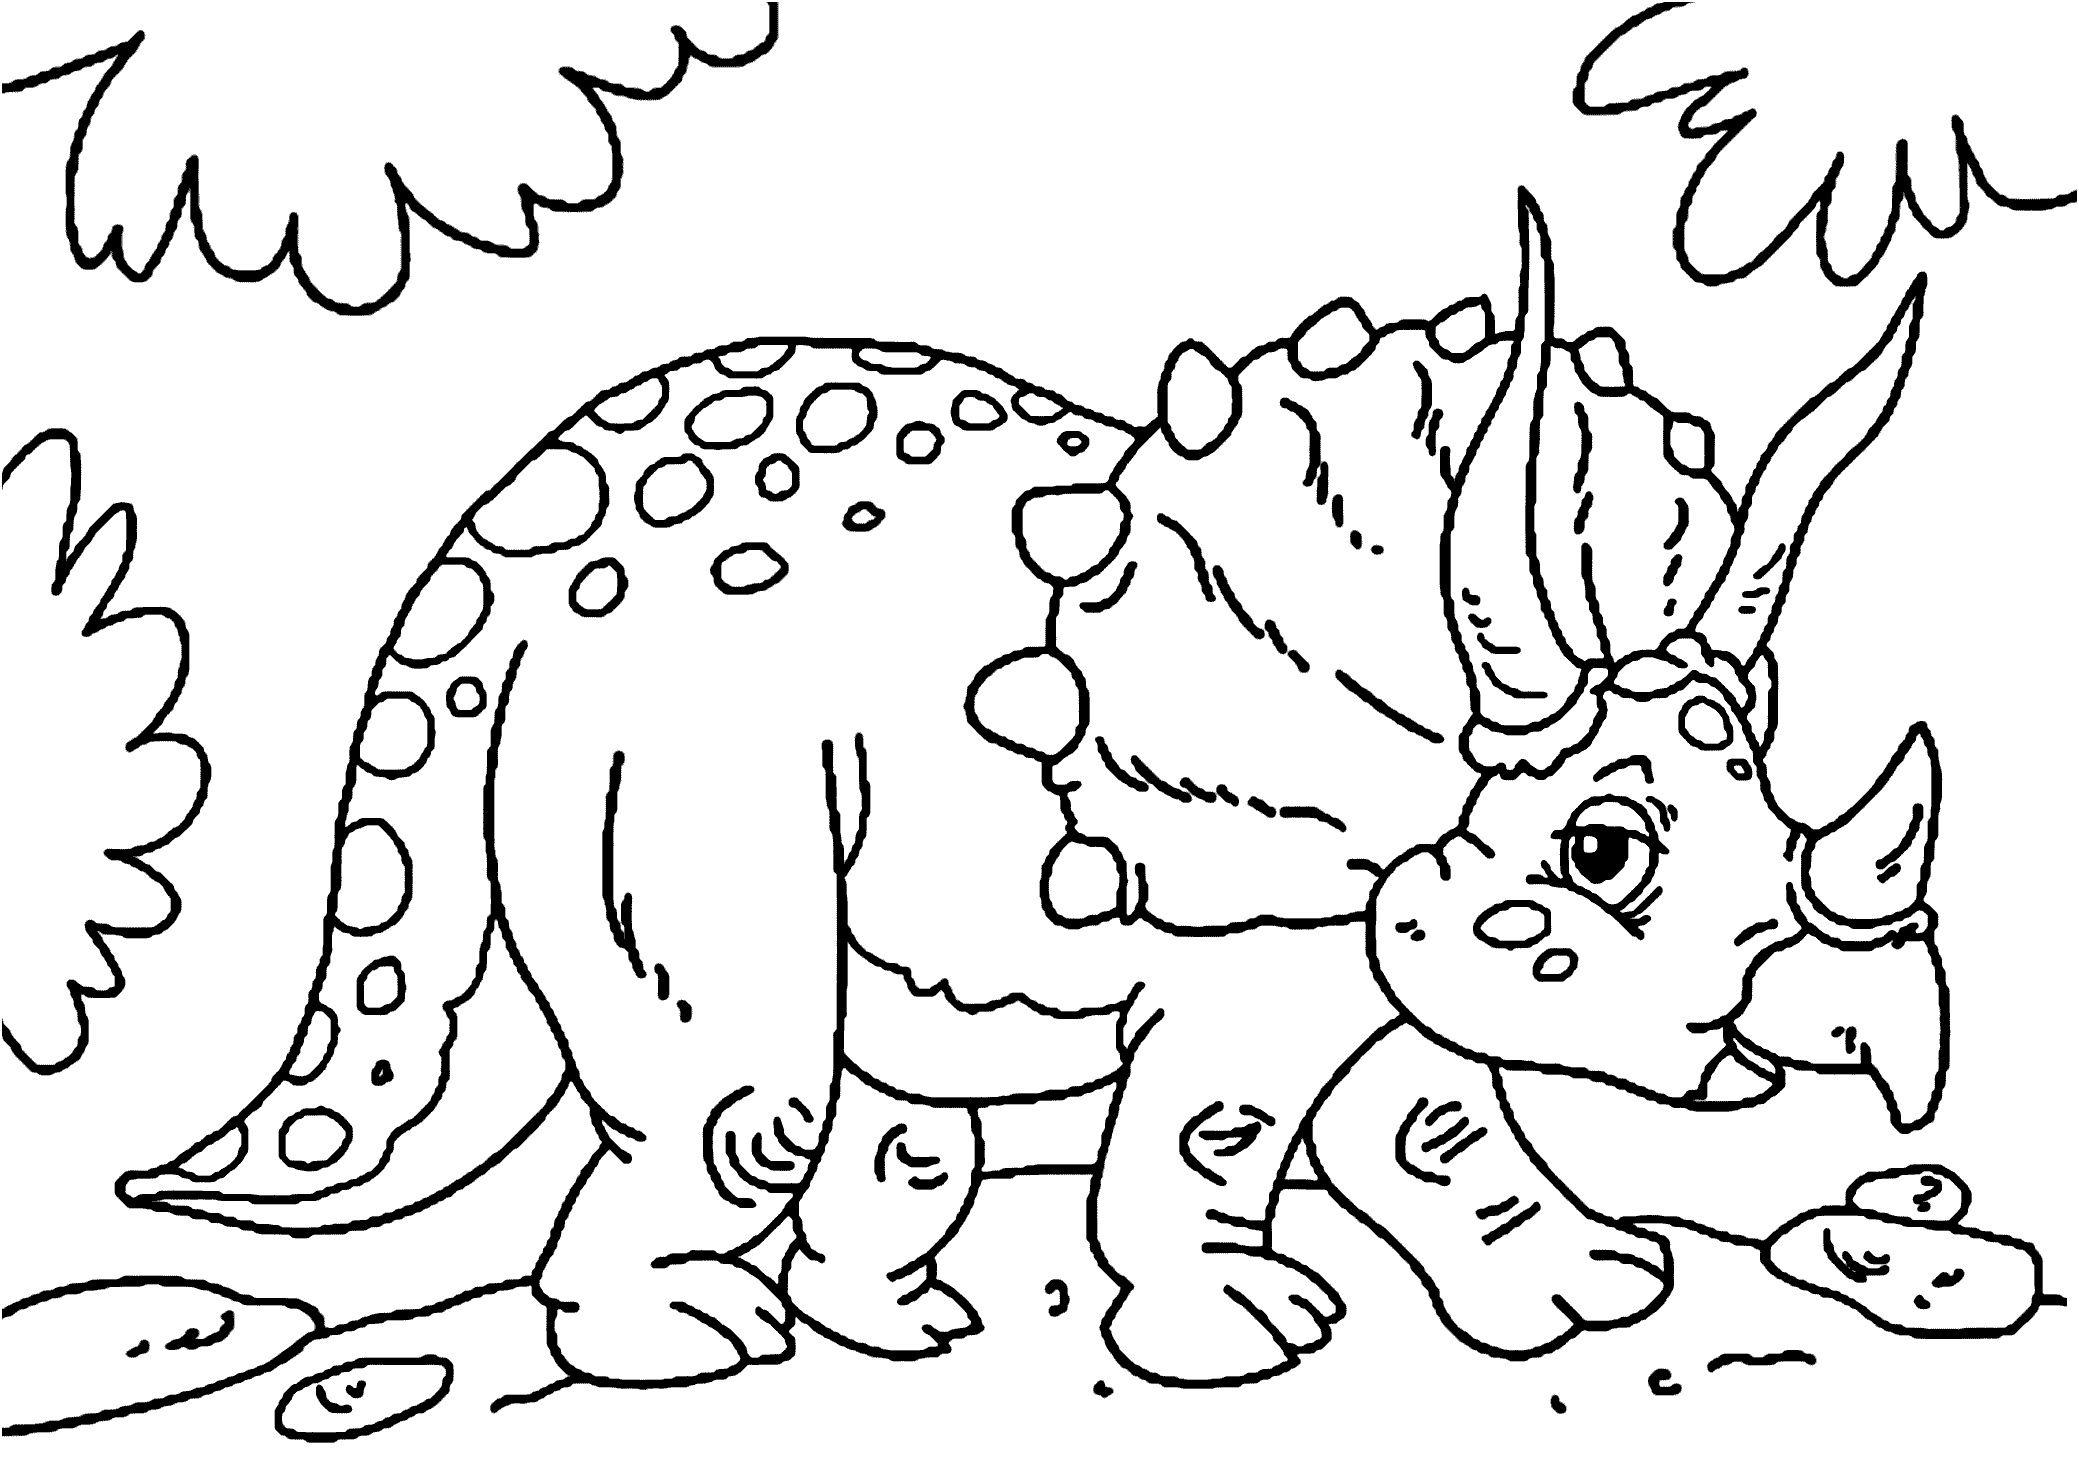 14 Premium Triceratops Coloriage Images | Coloriage dinosaure, Image dinosaure, Coloriage